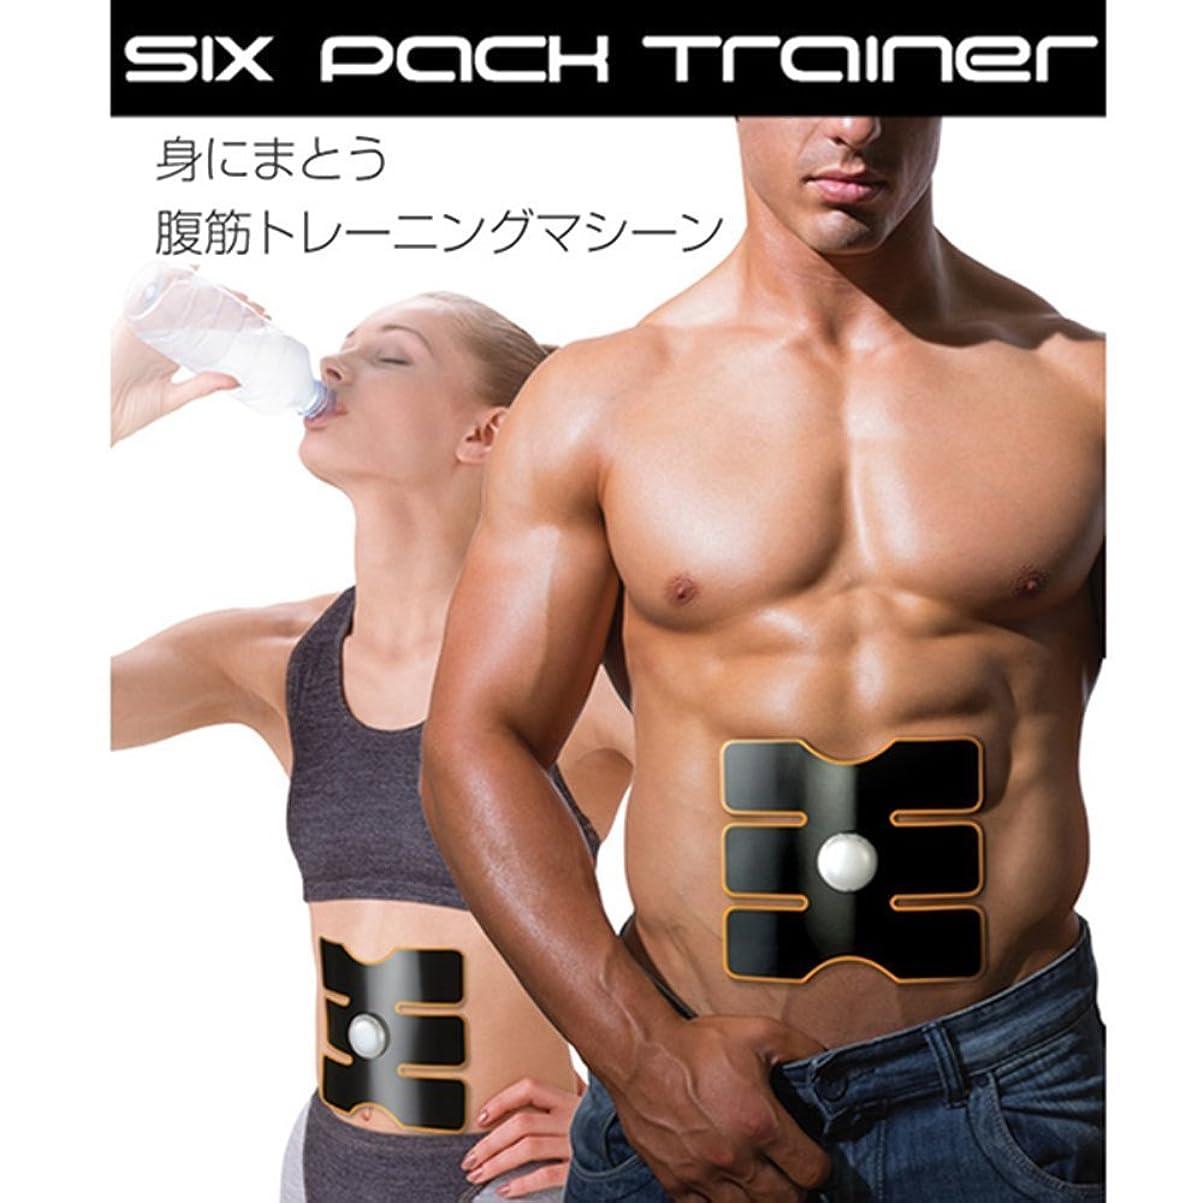 曲がった学生欠かせない筋肉トレーニングマシーンSIX PACK TRAINER WGSP074